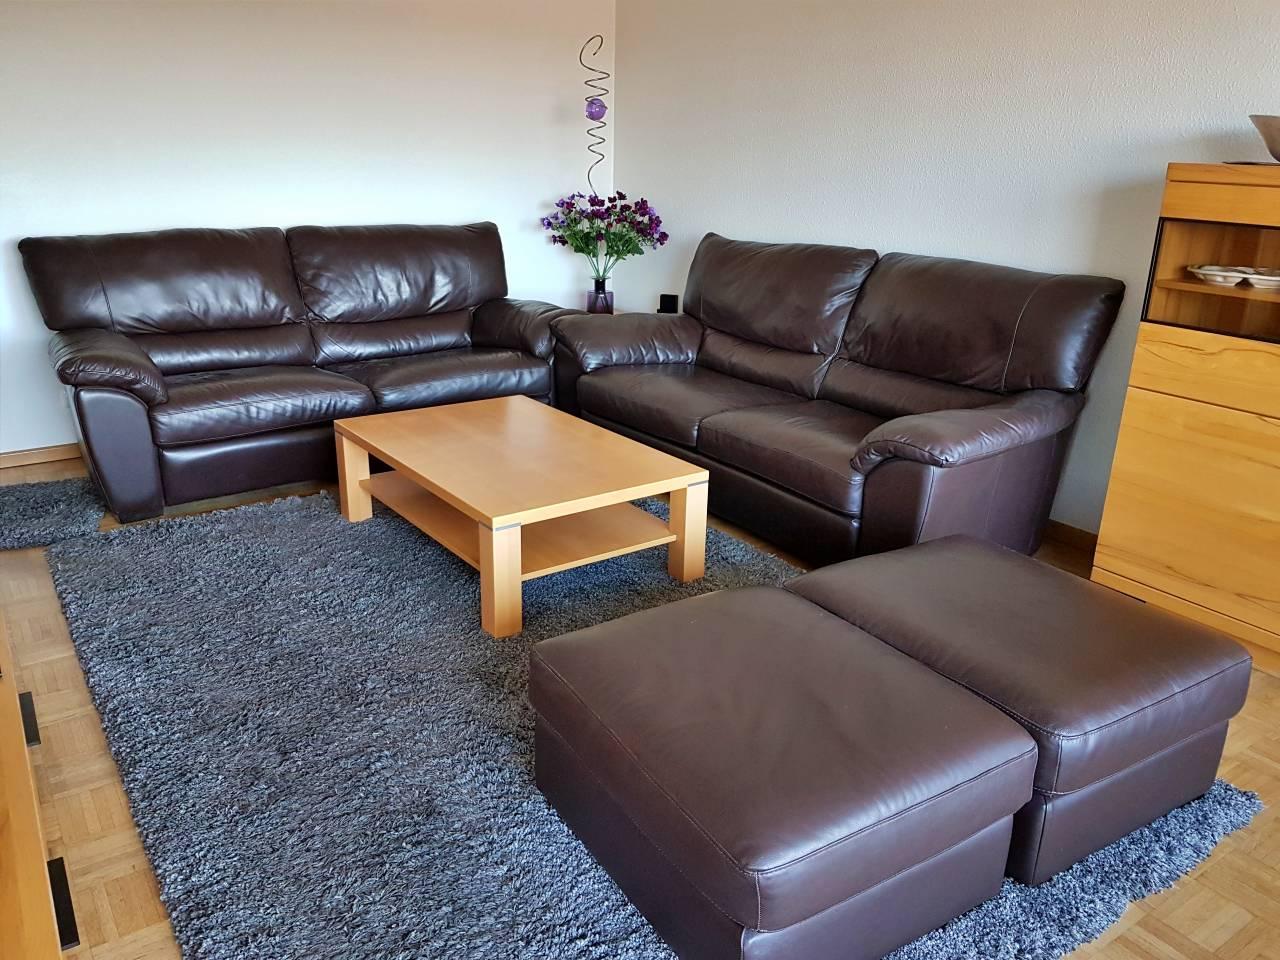 Couch Italsofa Zweisitzer Hocker Leder braun